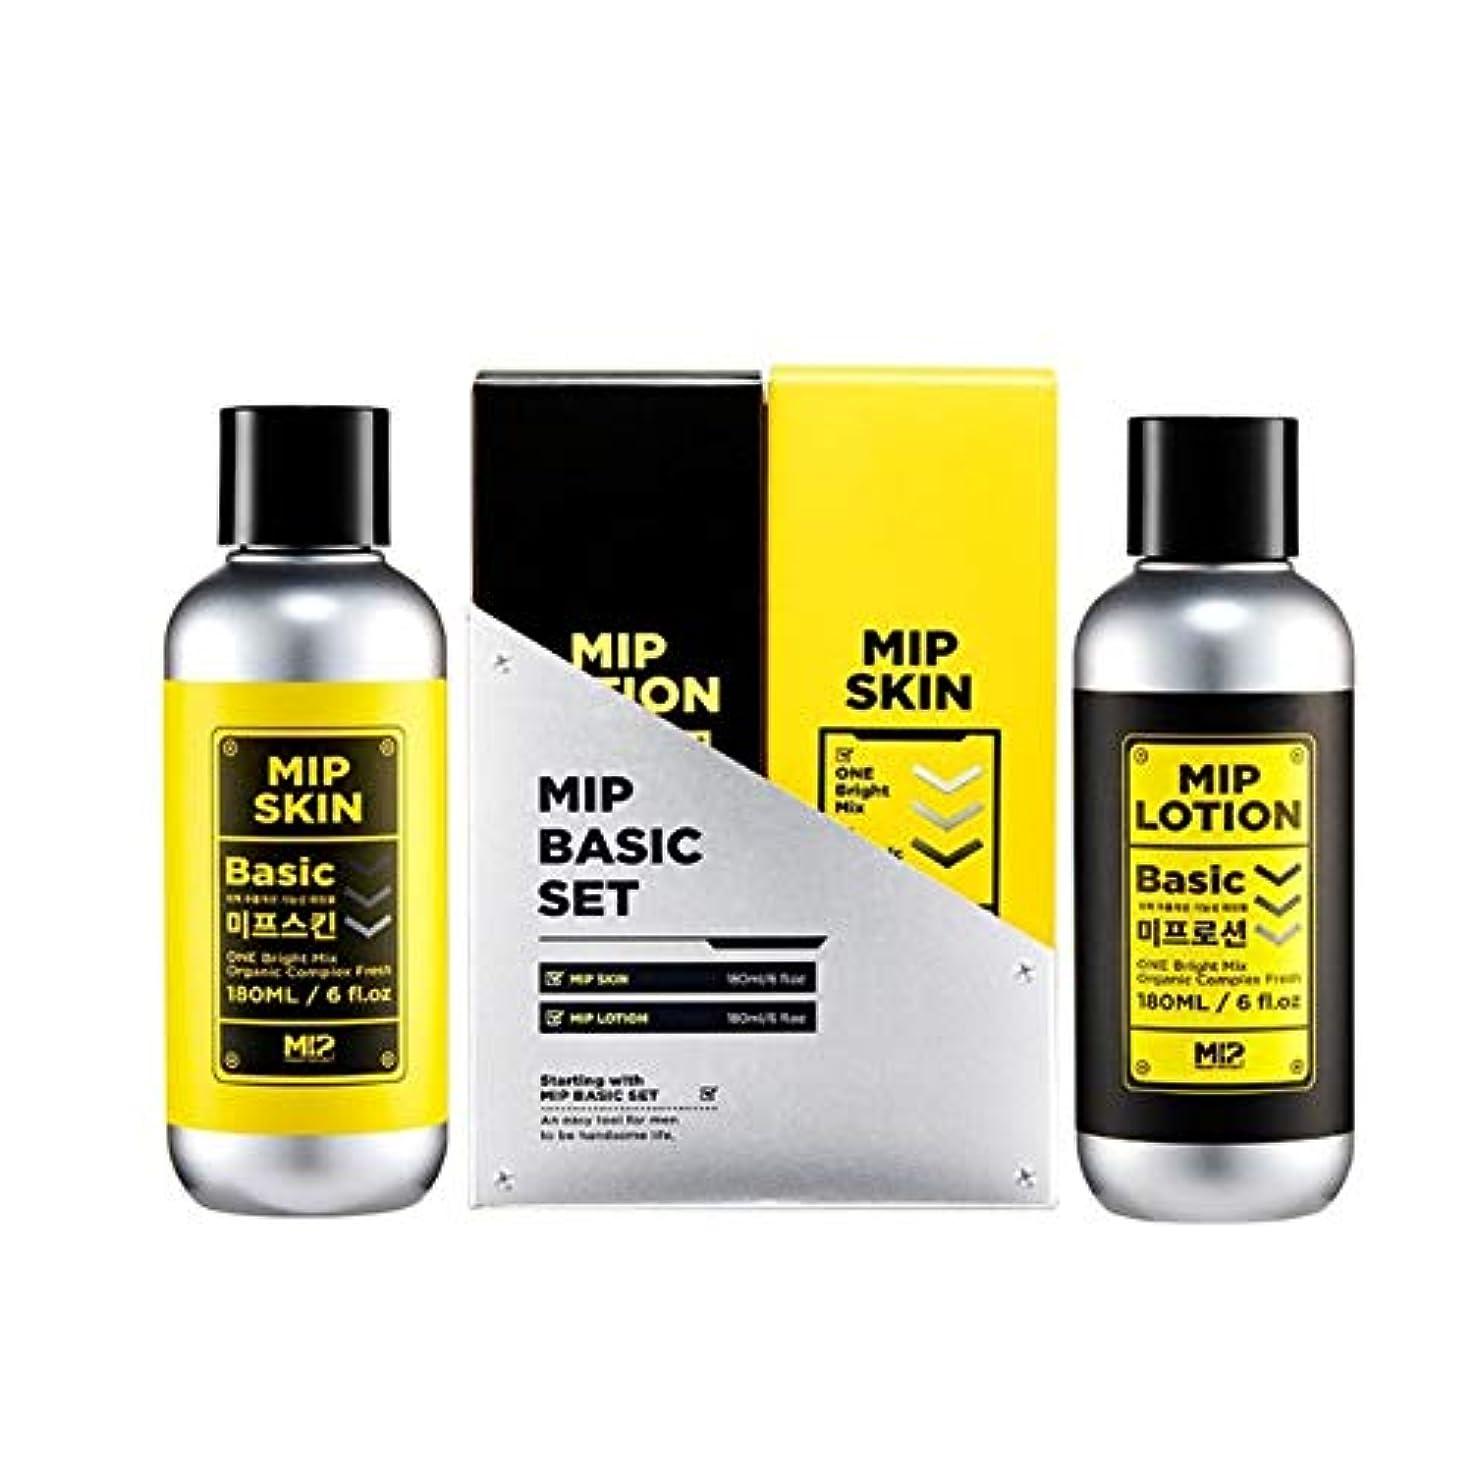 体系的にアンペアスリッパミップスキン180mlローション180mlセットメンズコスメ韓国コスメ、Mip Skin 180ml Lotion 180ml Set Men's Cosmetics Korean Cosmetics [並行輸入品]